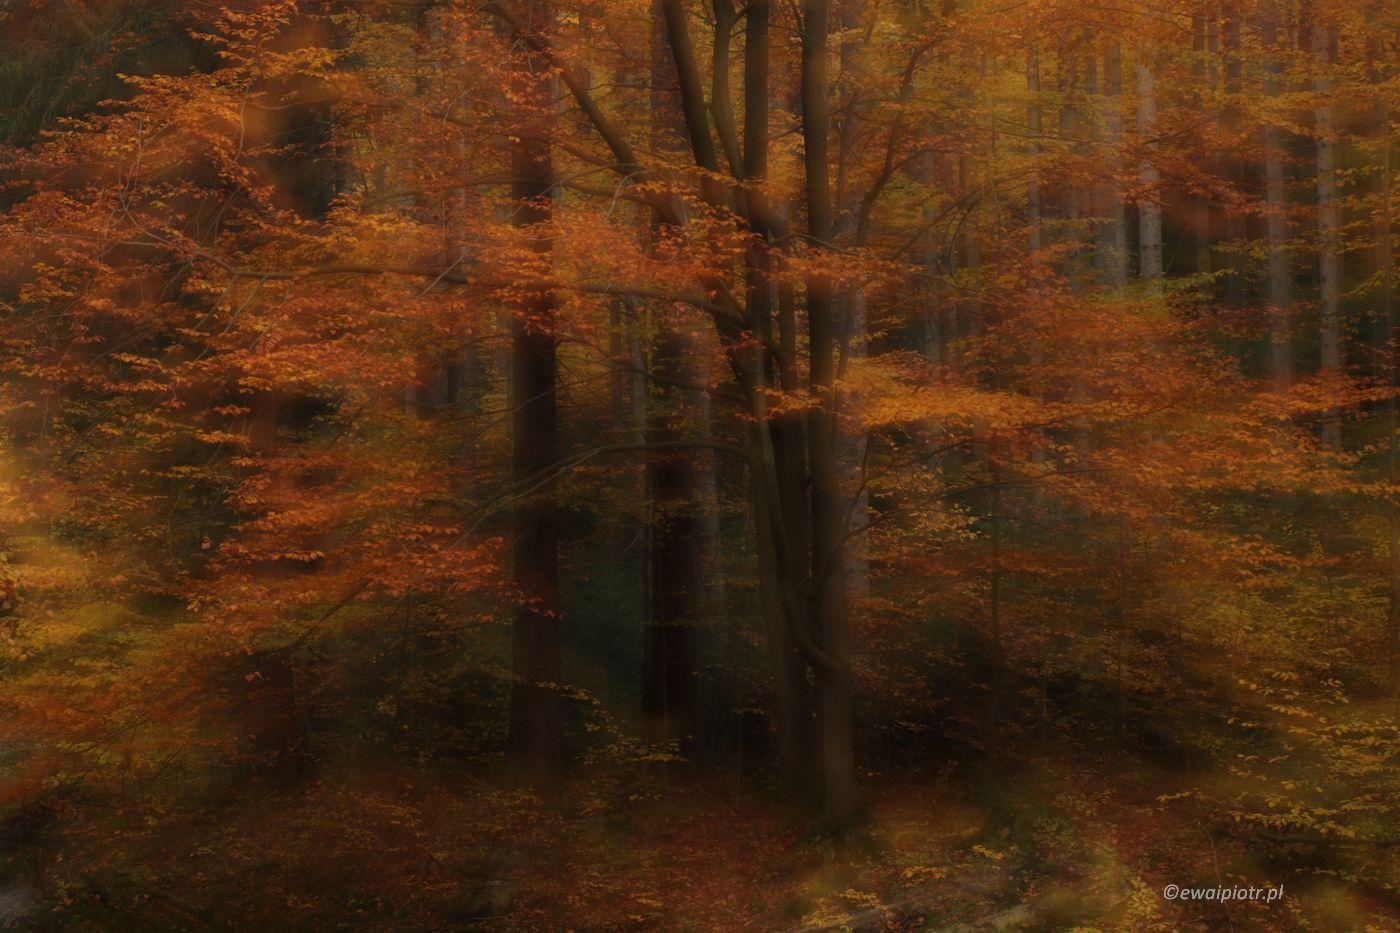 Złota jesień w Karkonoszach - zdjęcie rozostrzone